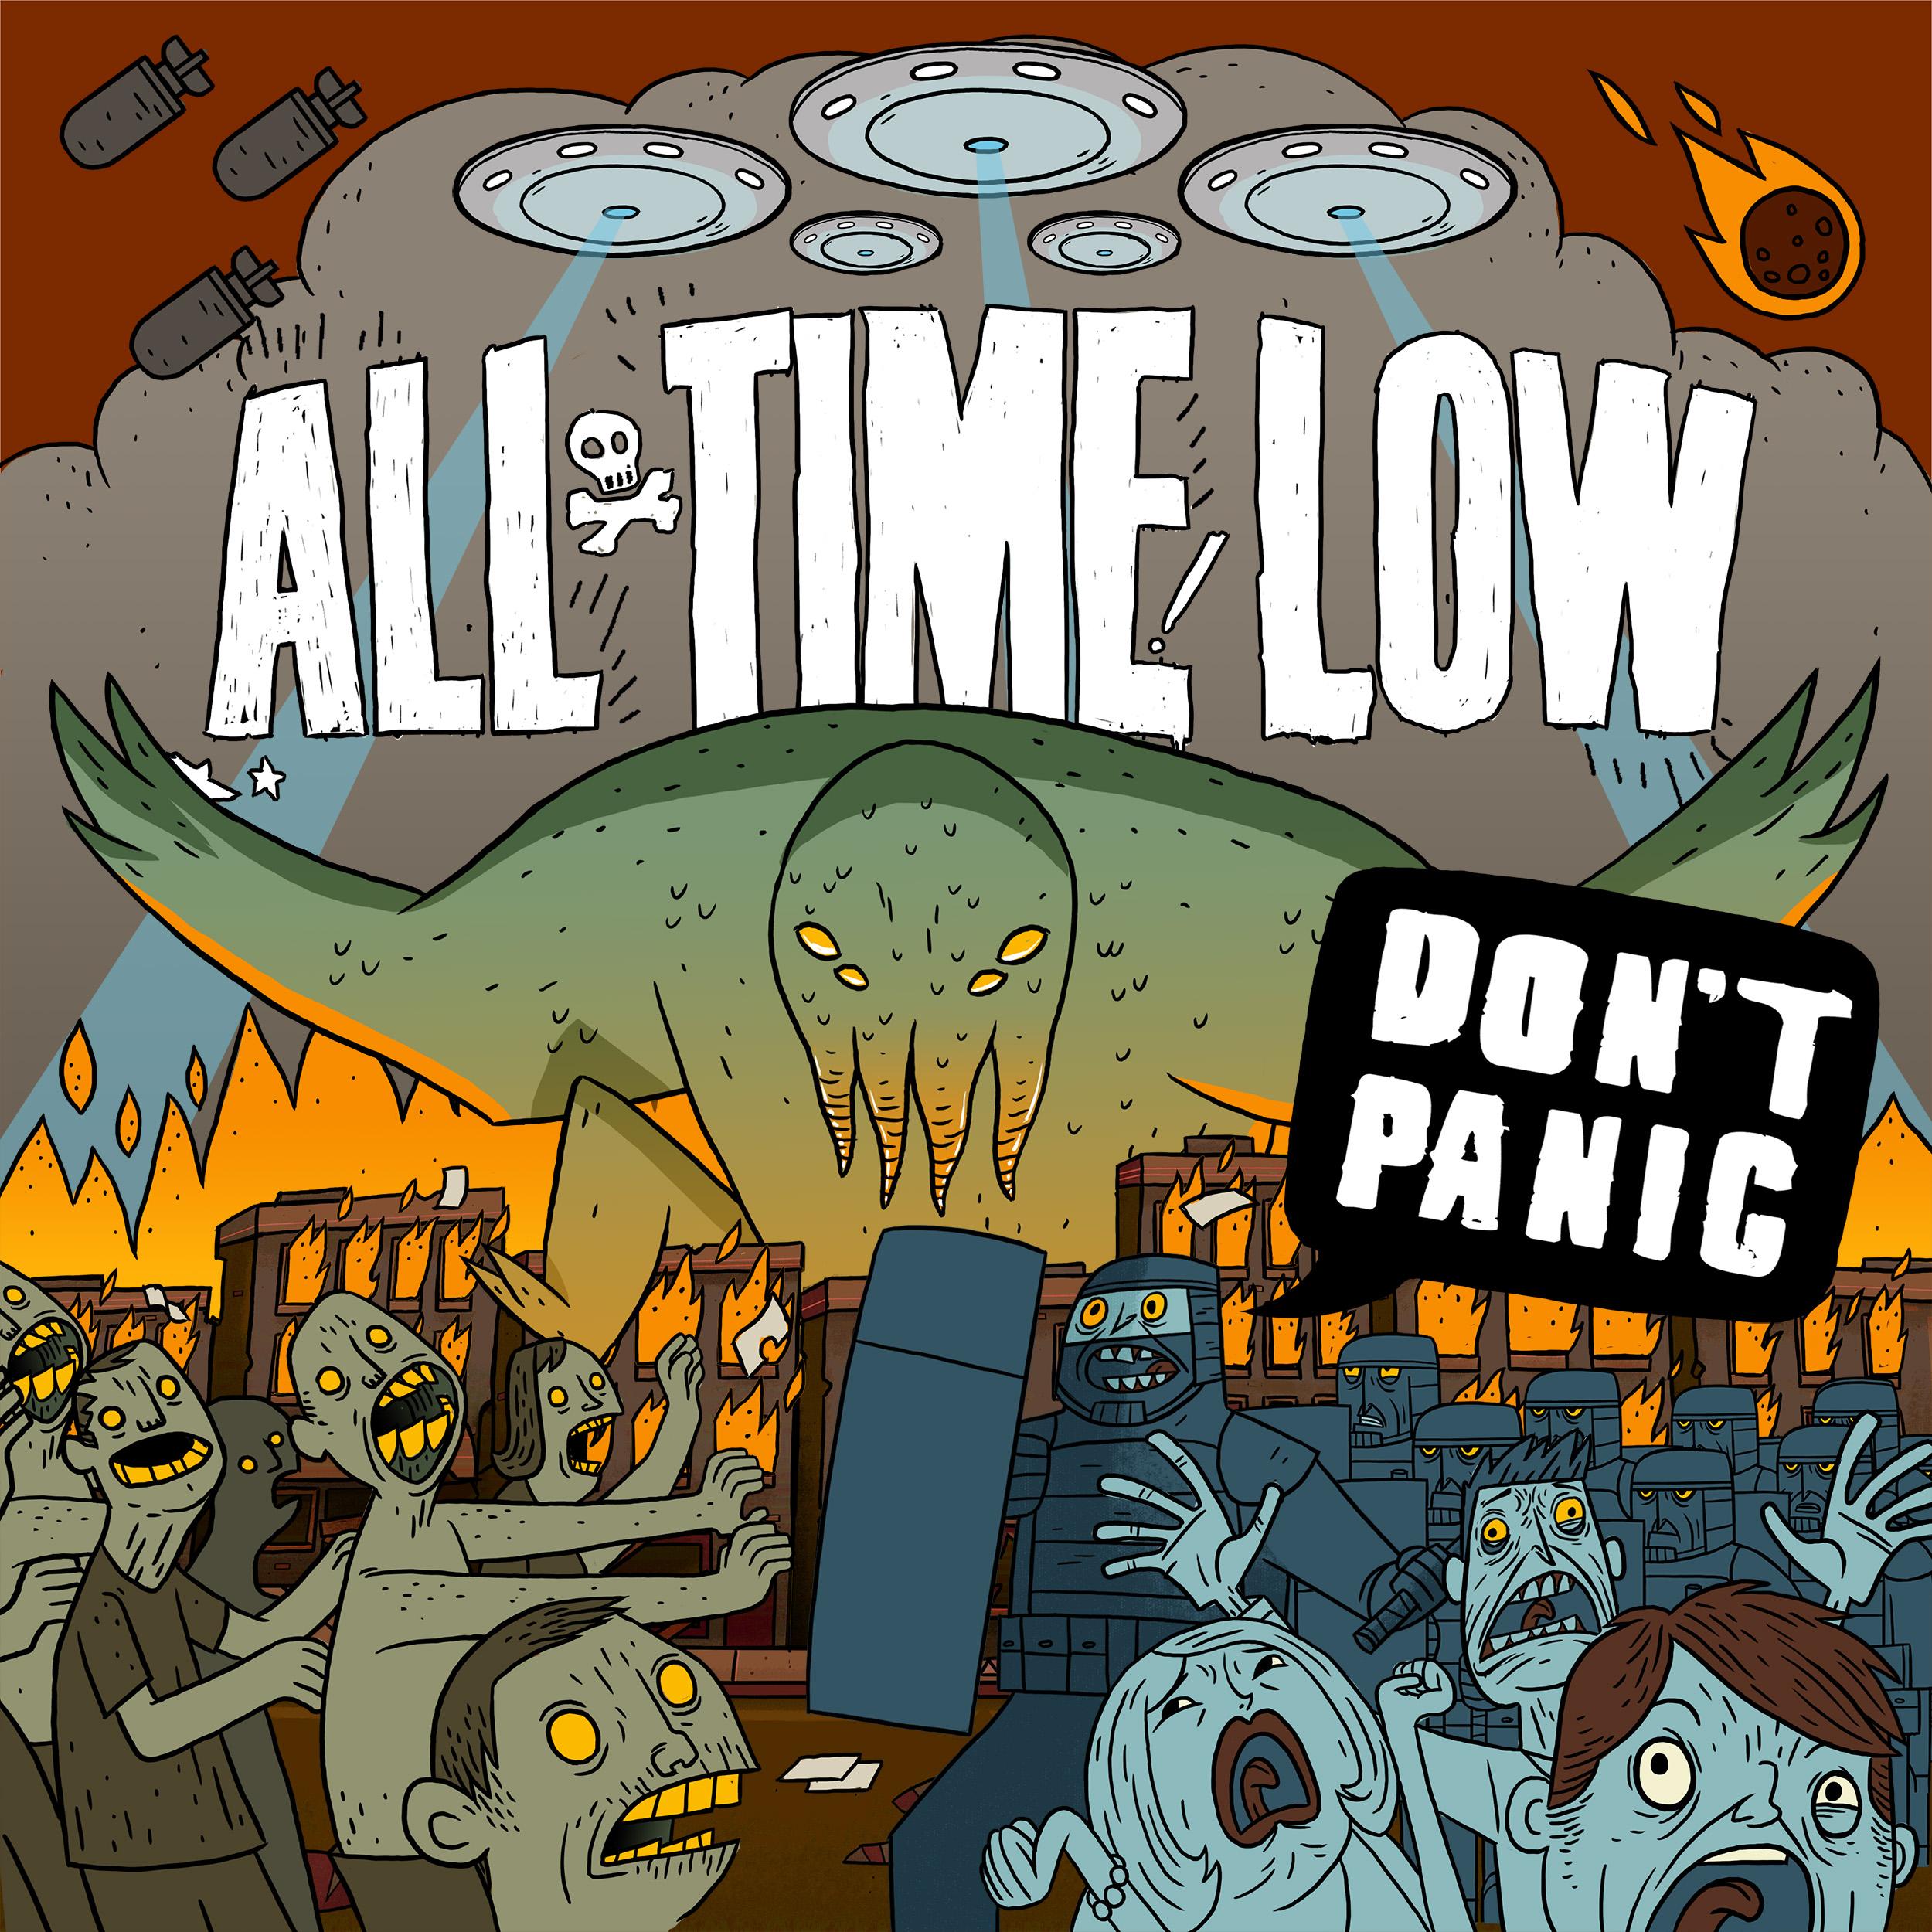 All Time Low Tour Australia